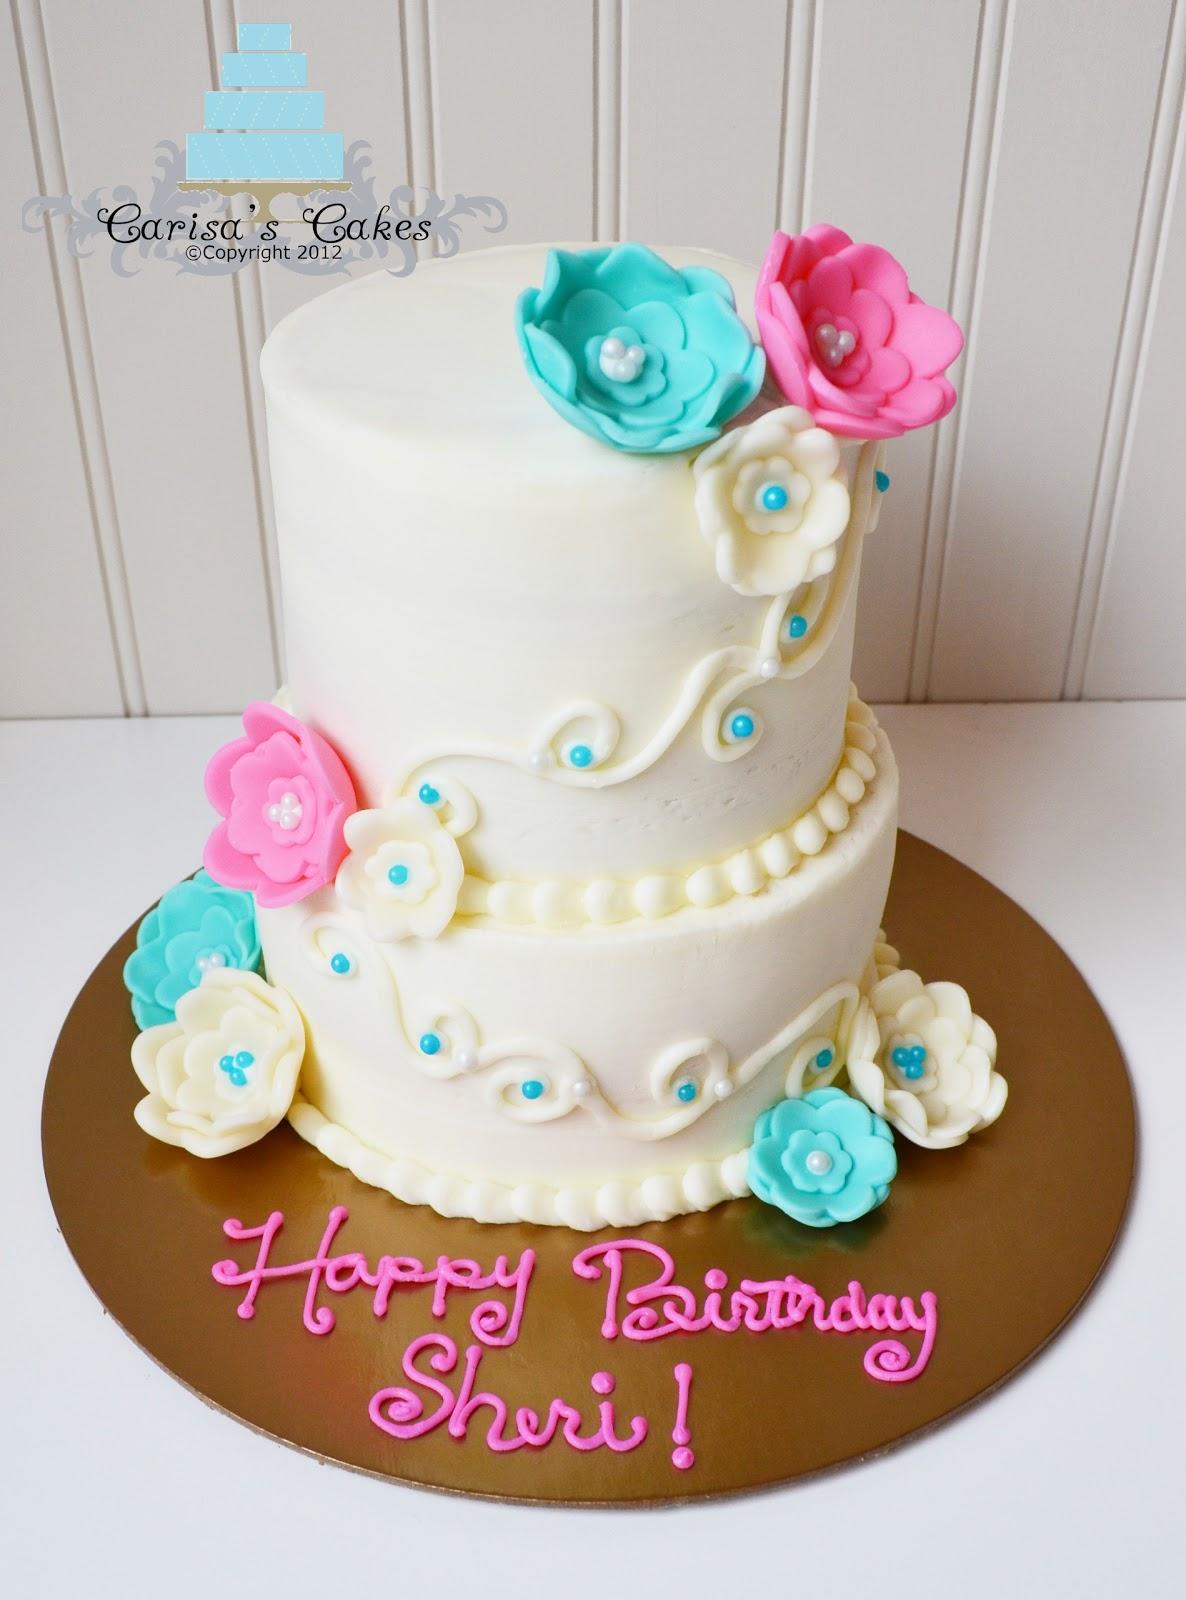 Carisas Cakes 2012